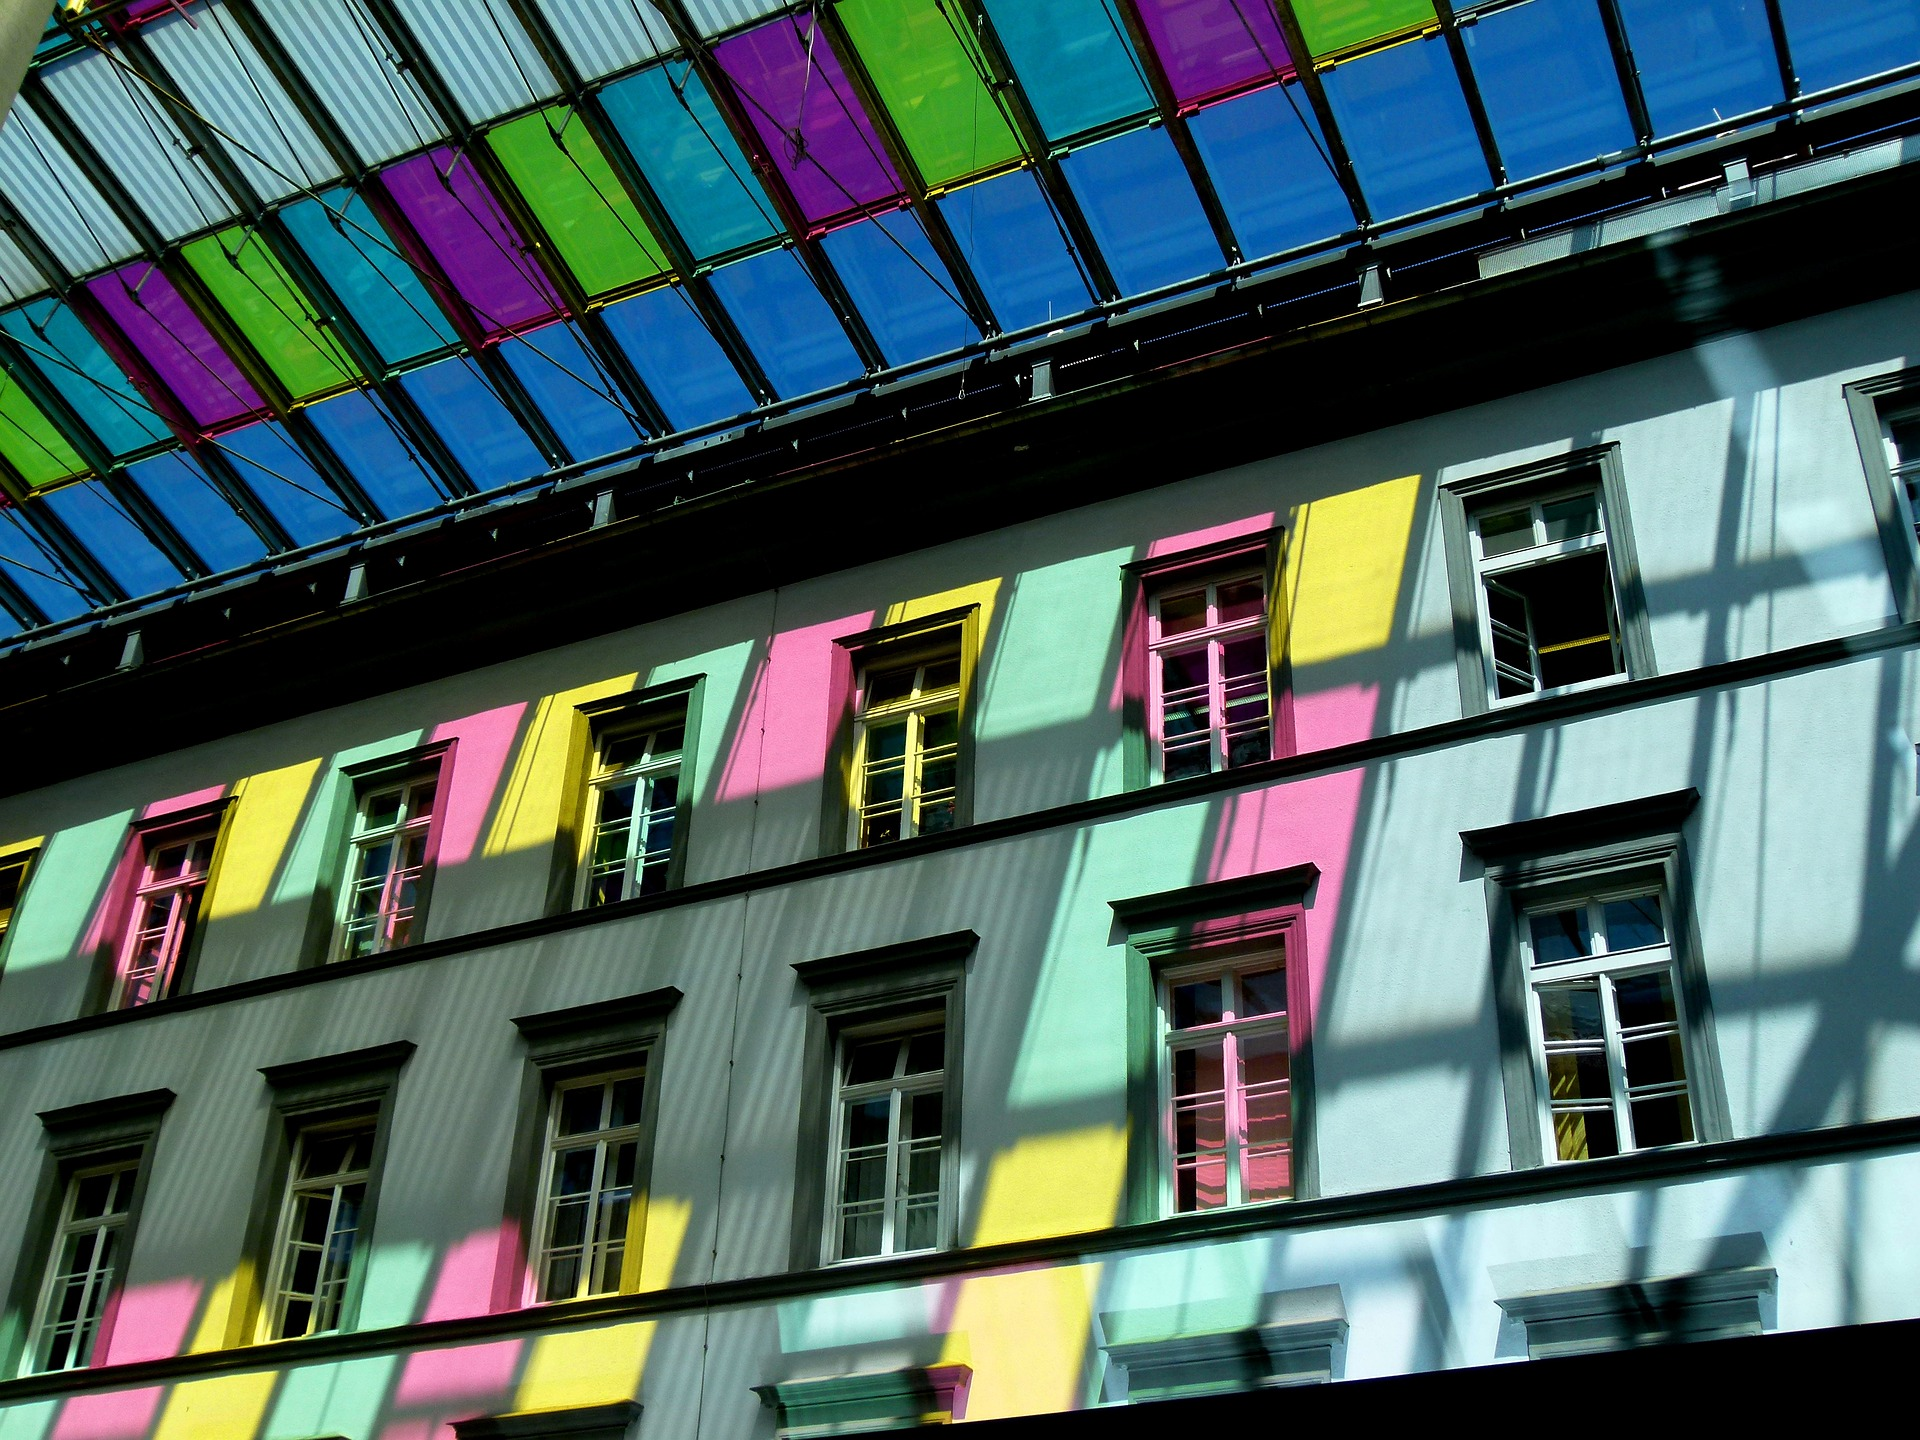 Full Size of Raffrollos Berzeugen Durch Ihren Charme Habitare Wohnen Raffrollo Küche Wohnzimmer Raffrollo Küchenfenster